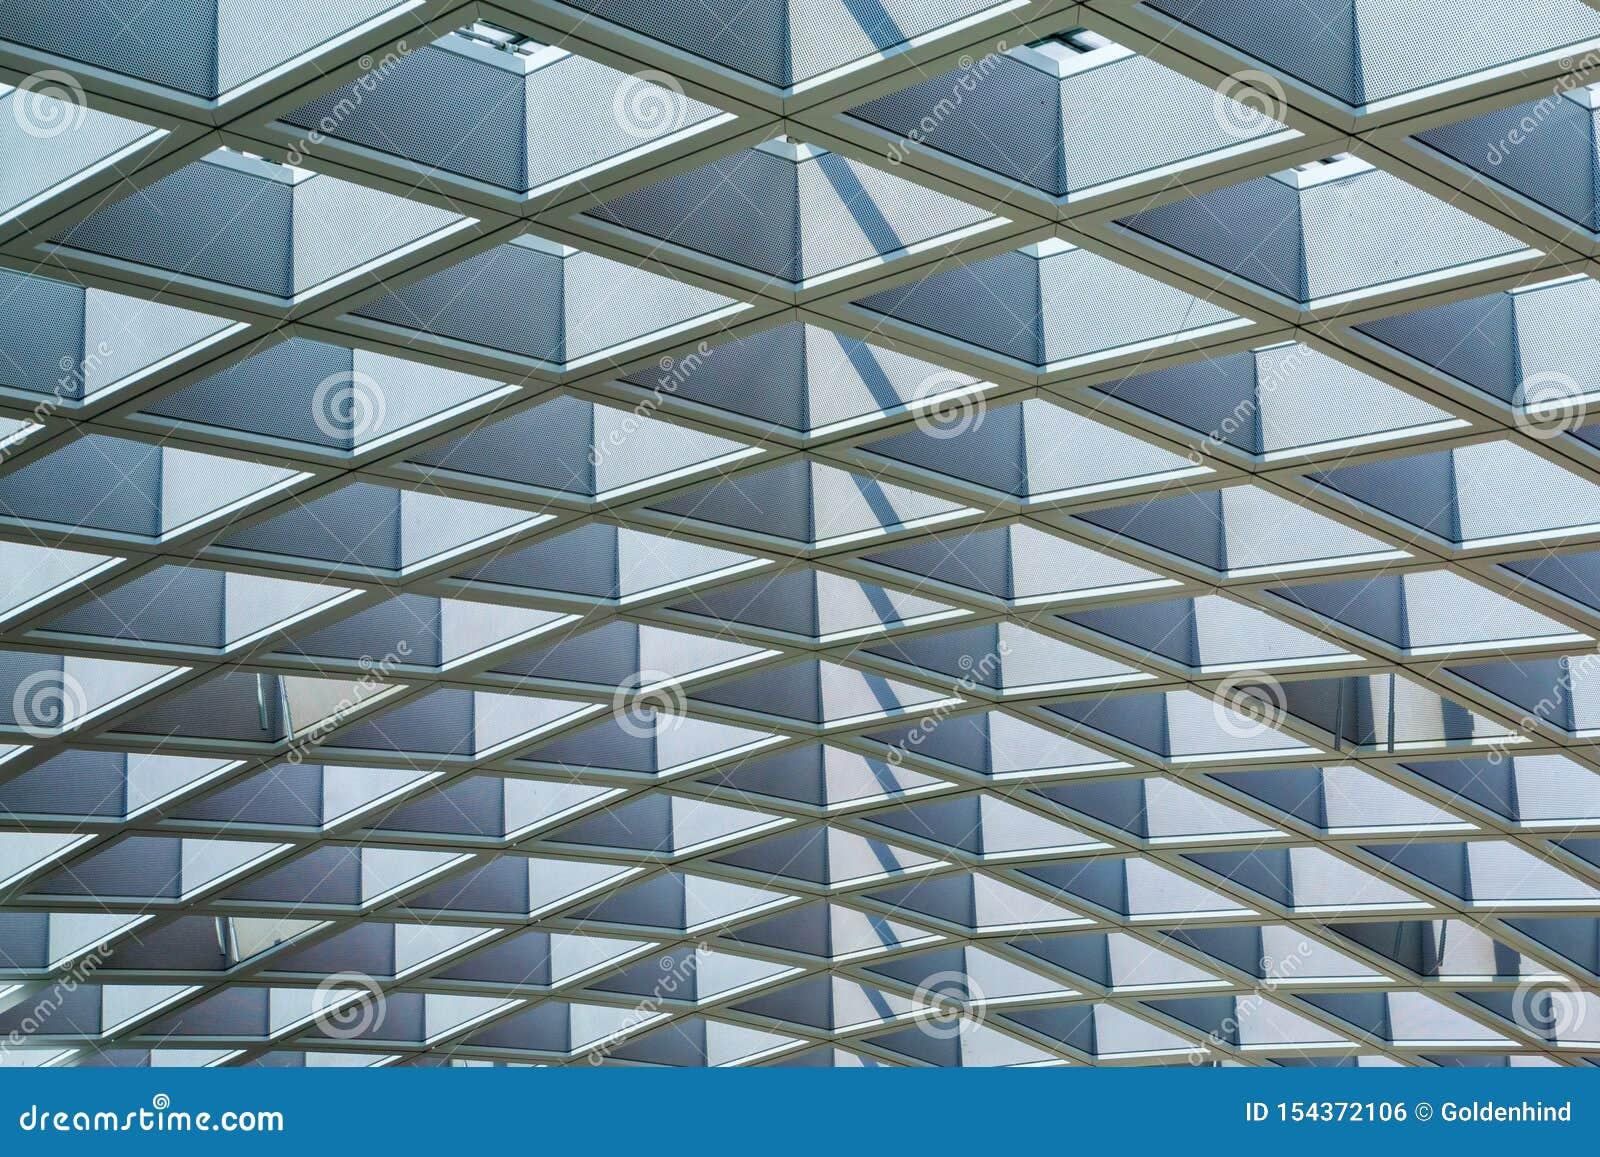 Modelo de los detalles de la arquitectura de la estructura de tejado del marco de acero en un edificio moderno